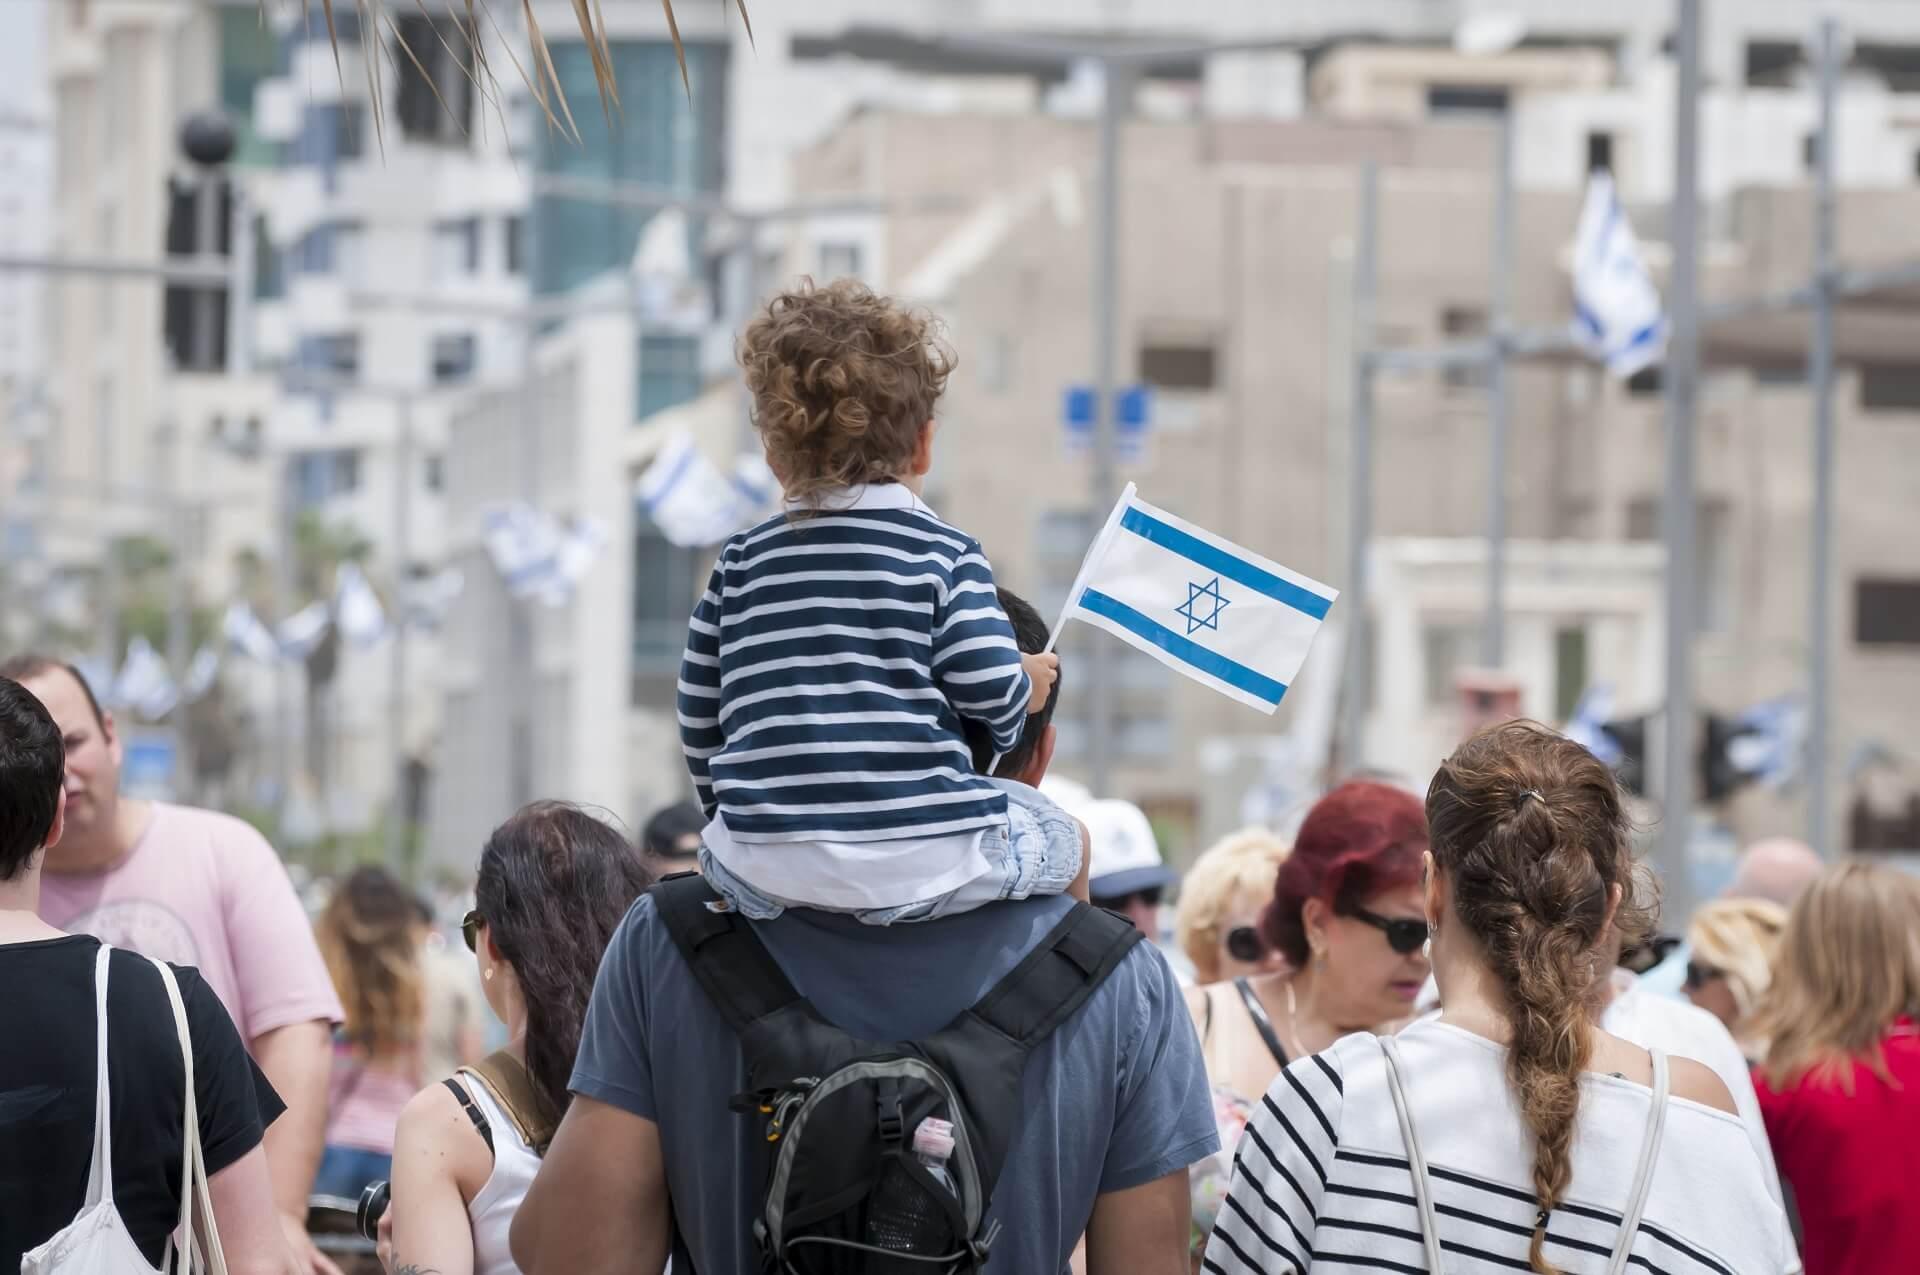 ישראל בעולם: מיתוס מול מציאות